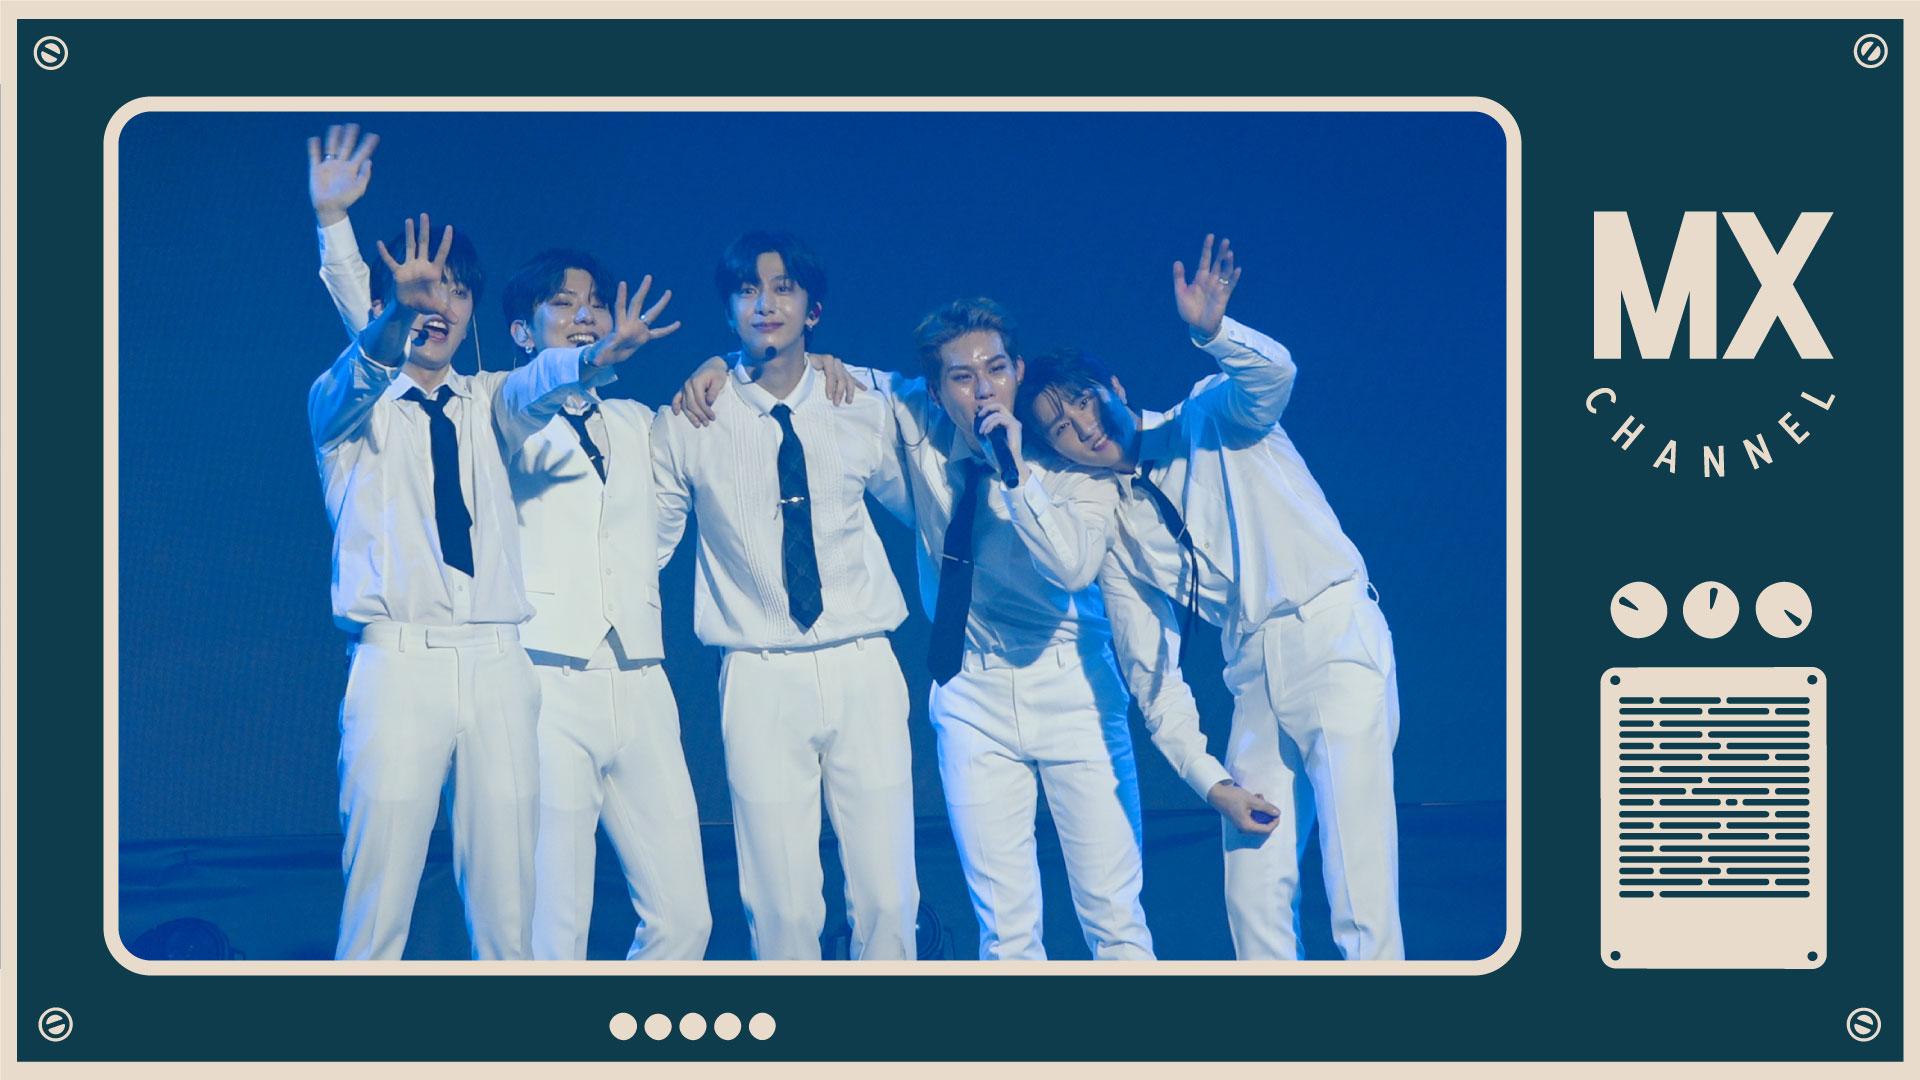 [몬채널][B] EP.252 'WE ALL ARE ONE' K-POP CONCERT- Behind the Scenes